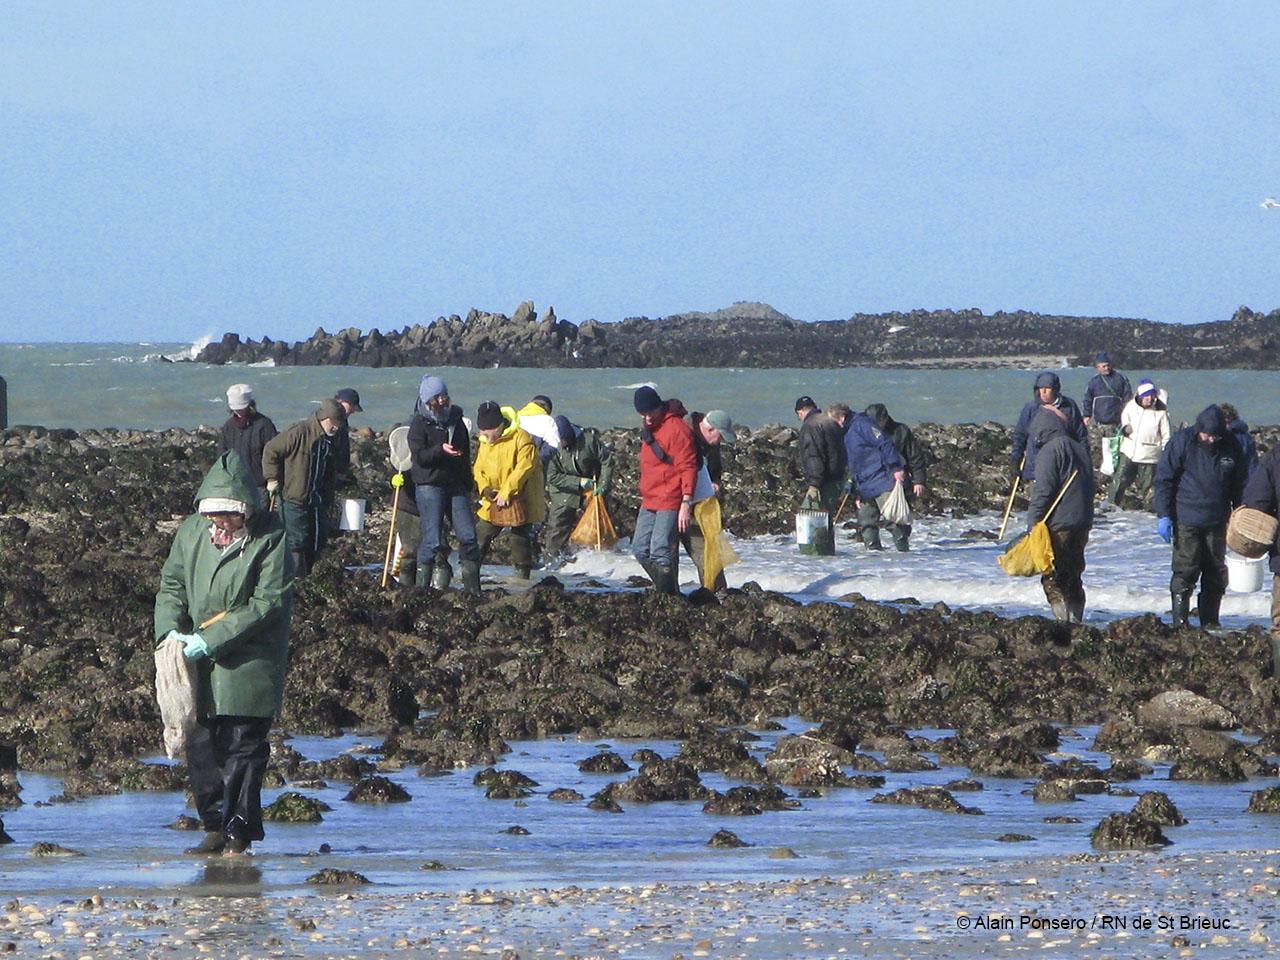 Pêche à pieds, baie de Saint-Brieuc, Côtes d'Armor , 2009